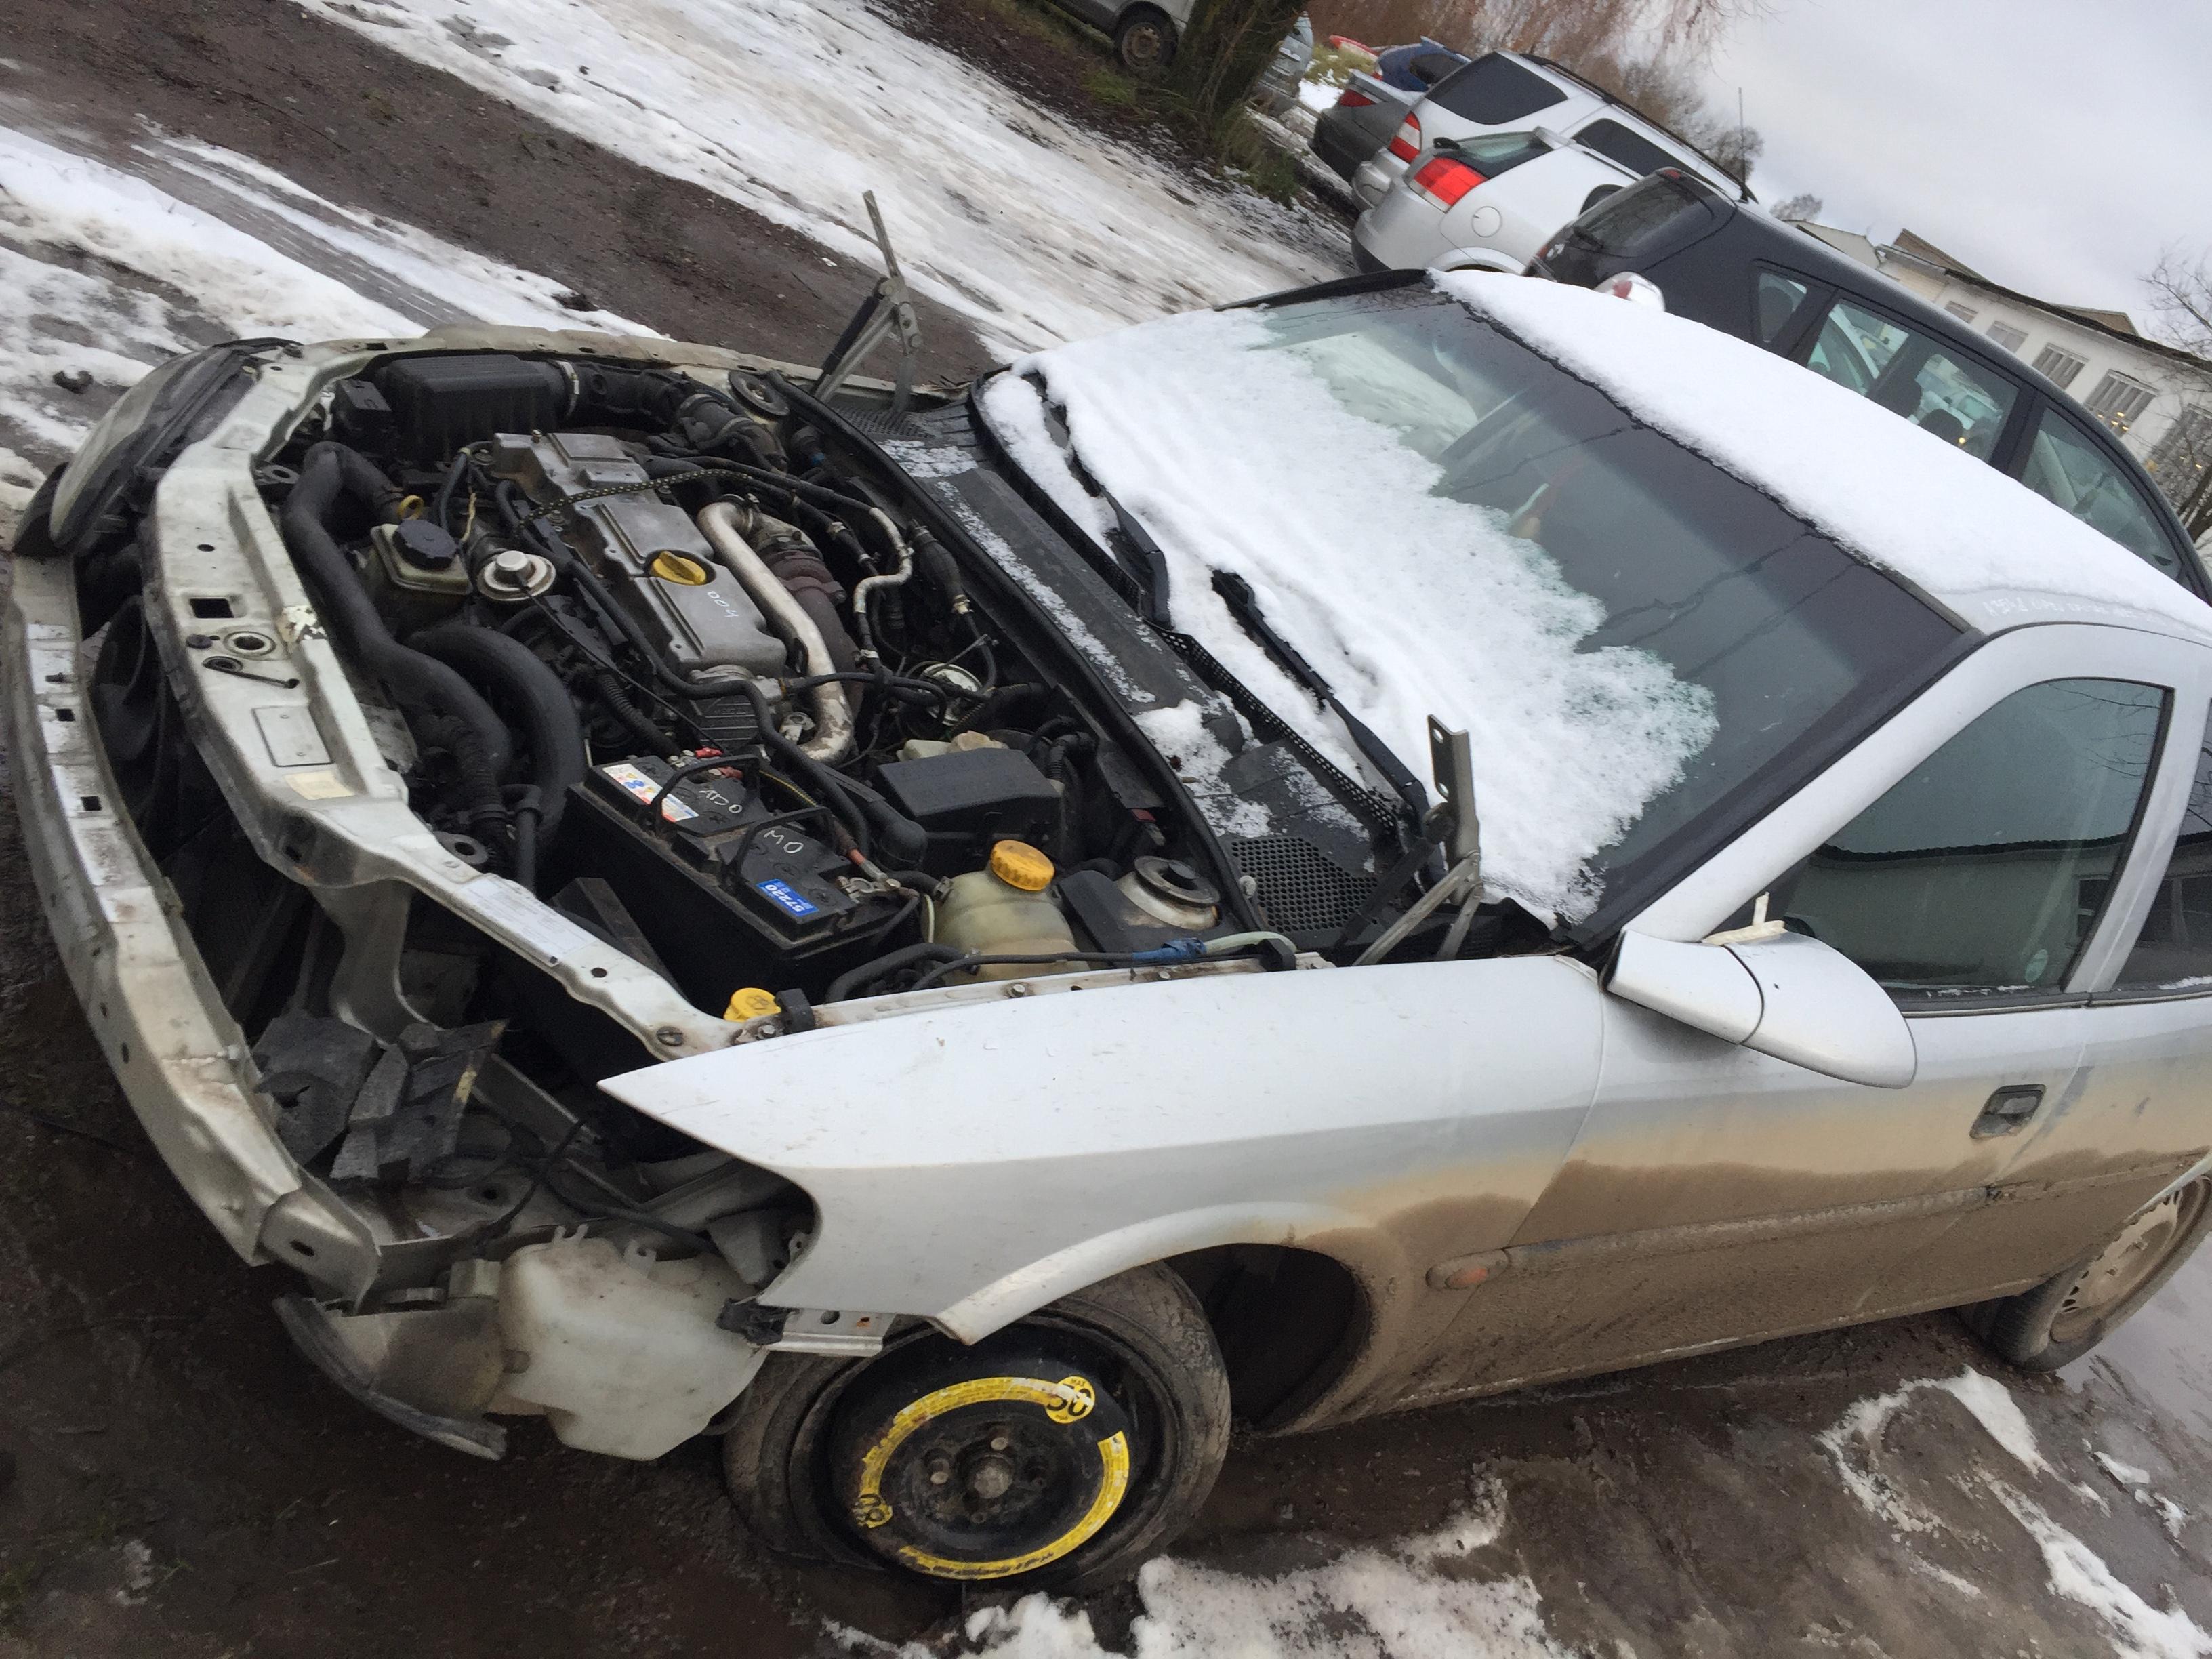 Подержанные Автозапчасти Foto 3 Opel VECTRA 1997 2.0 машиностроение седан 4/5 d. серебро 2017-12-06 A3548